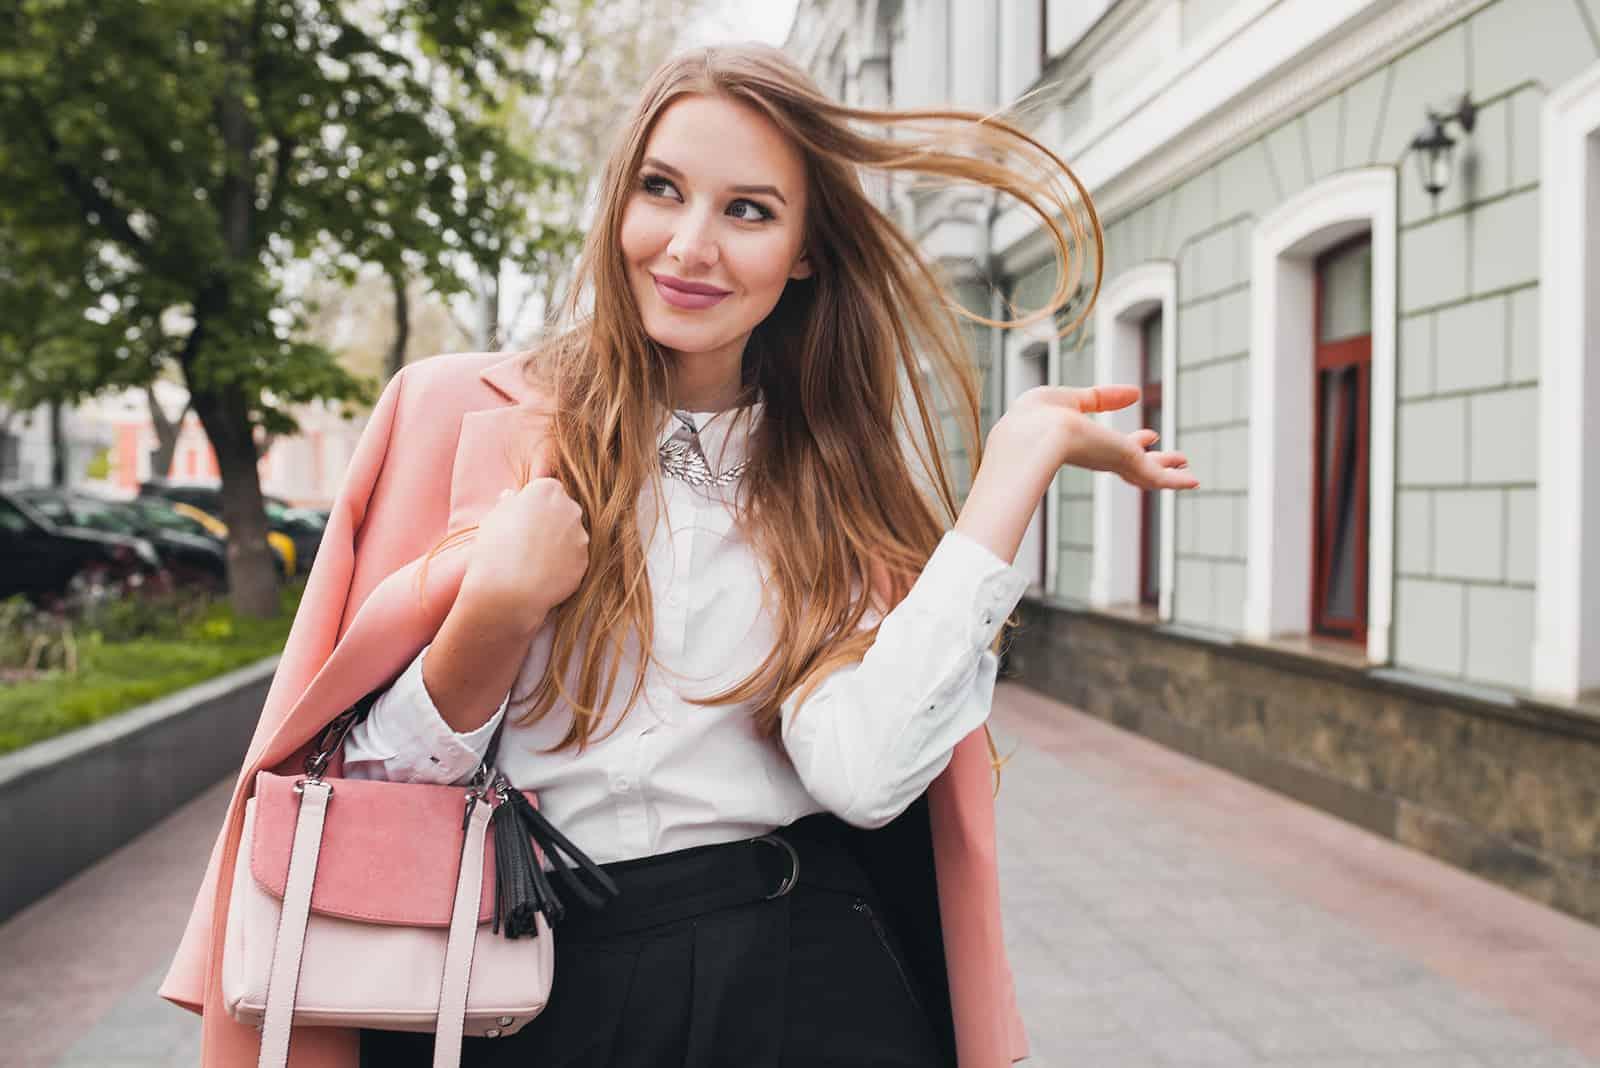 une belle femme aux longs cheveux bruns se tient dans la rue